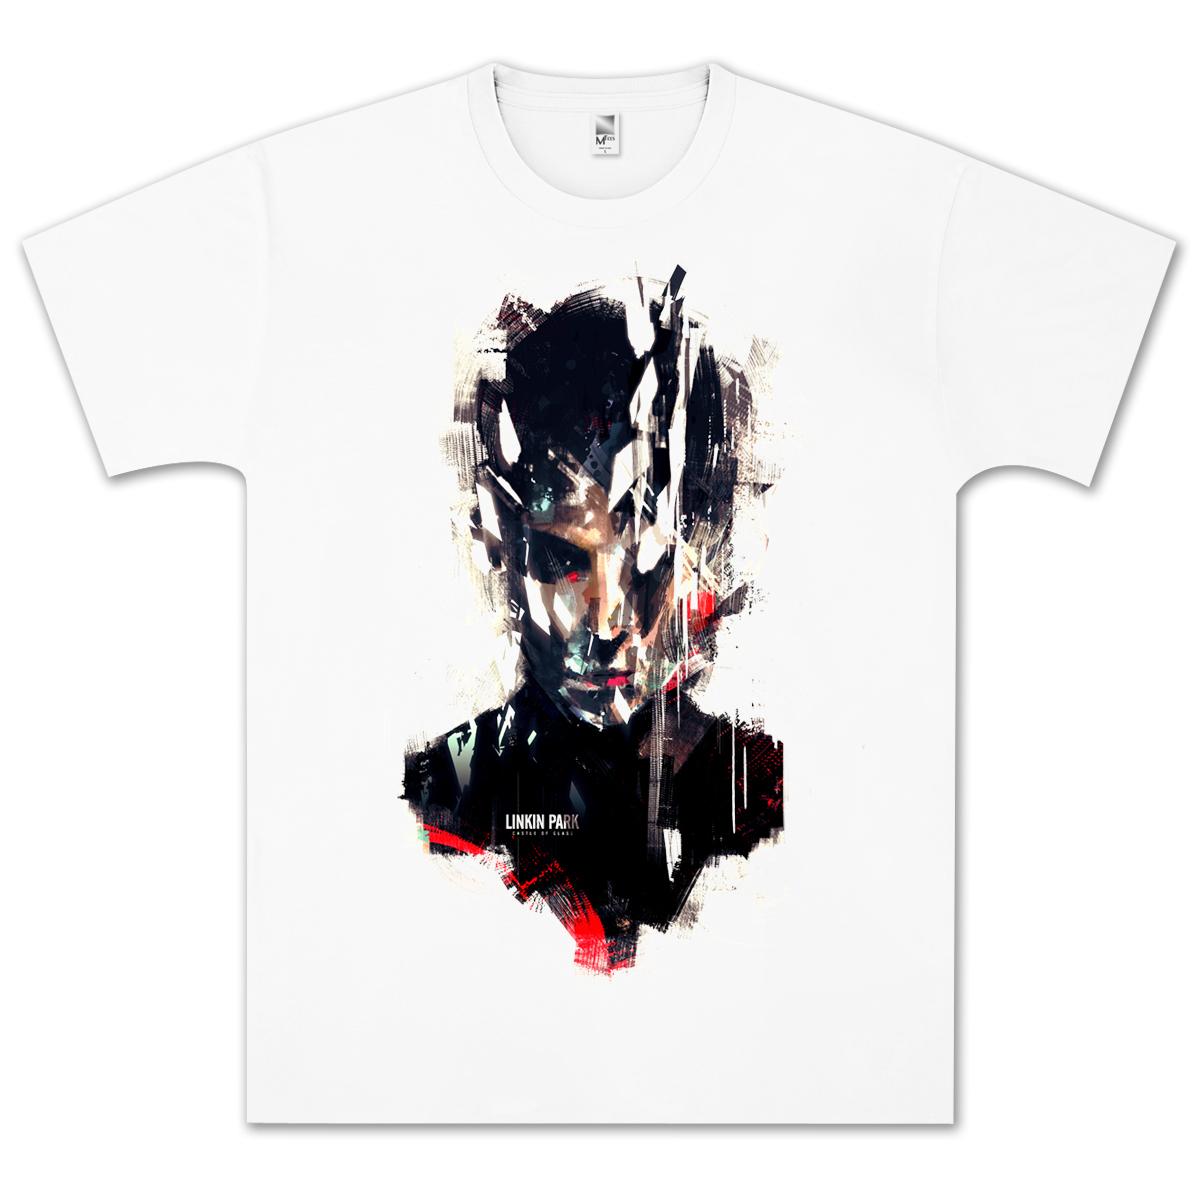 Linkin Park Talenthouse 2013 Winner T-Shirt